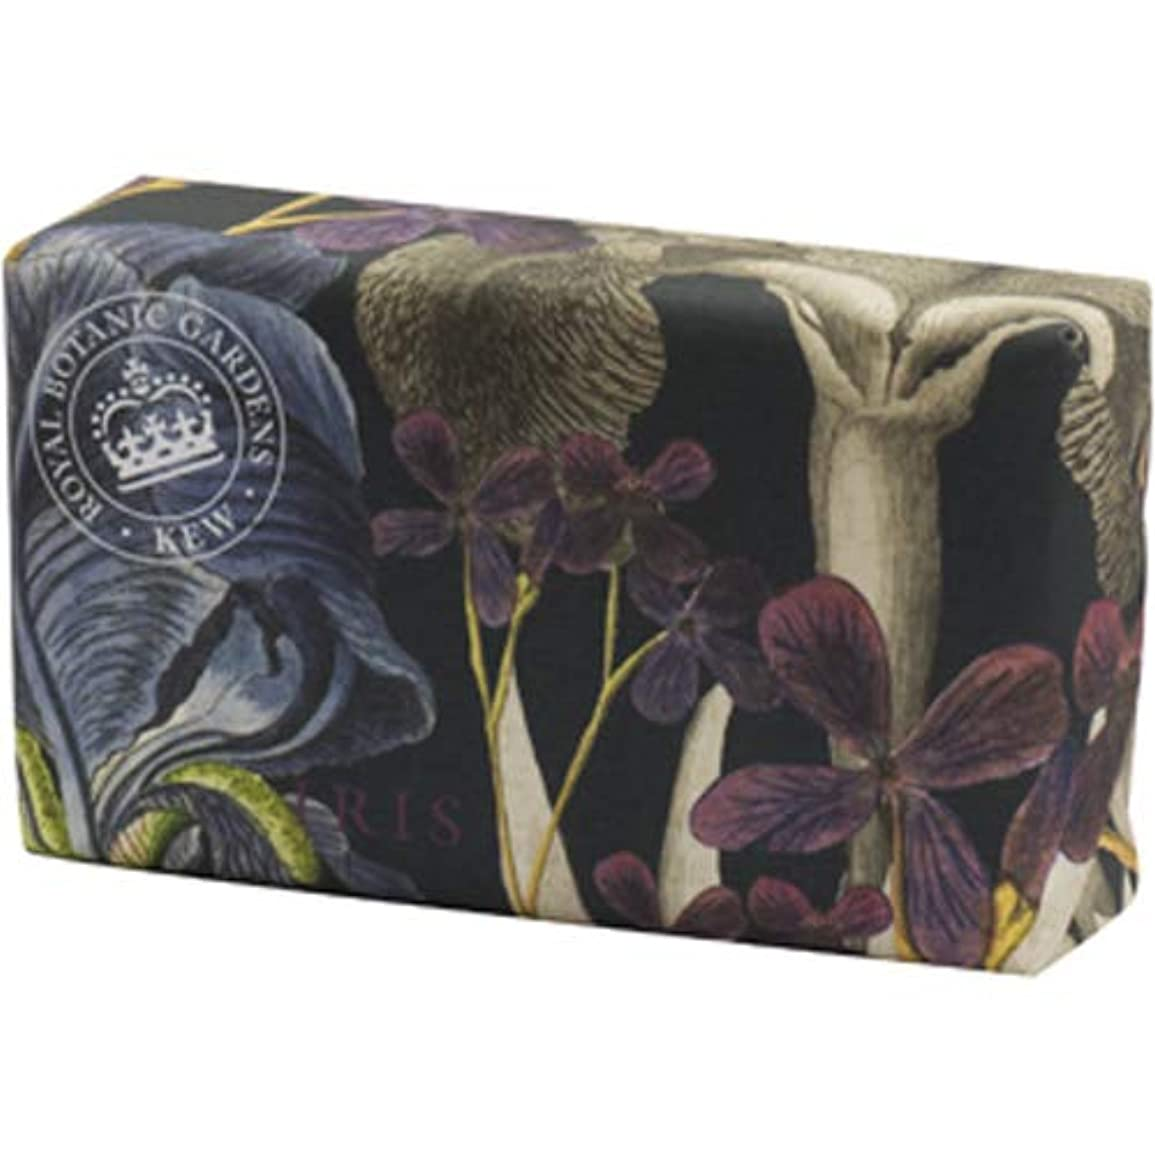 吐く娯楽芝生English Soap Company イングリッシュソープカンパニー KEW GARDEN キュー?ガーデン Luxury Shea Soaps シアソープ Iris アイリス